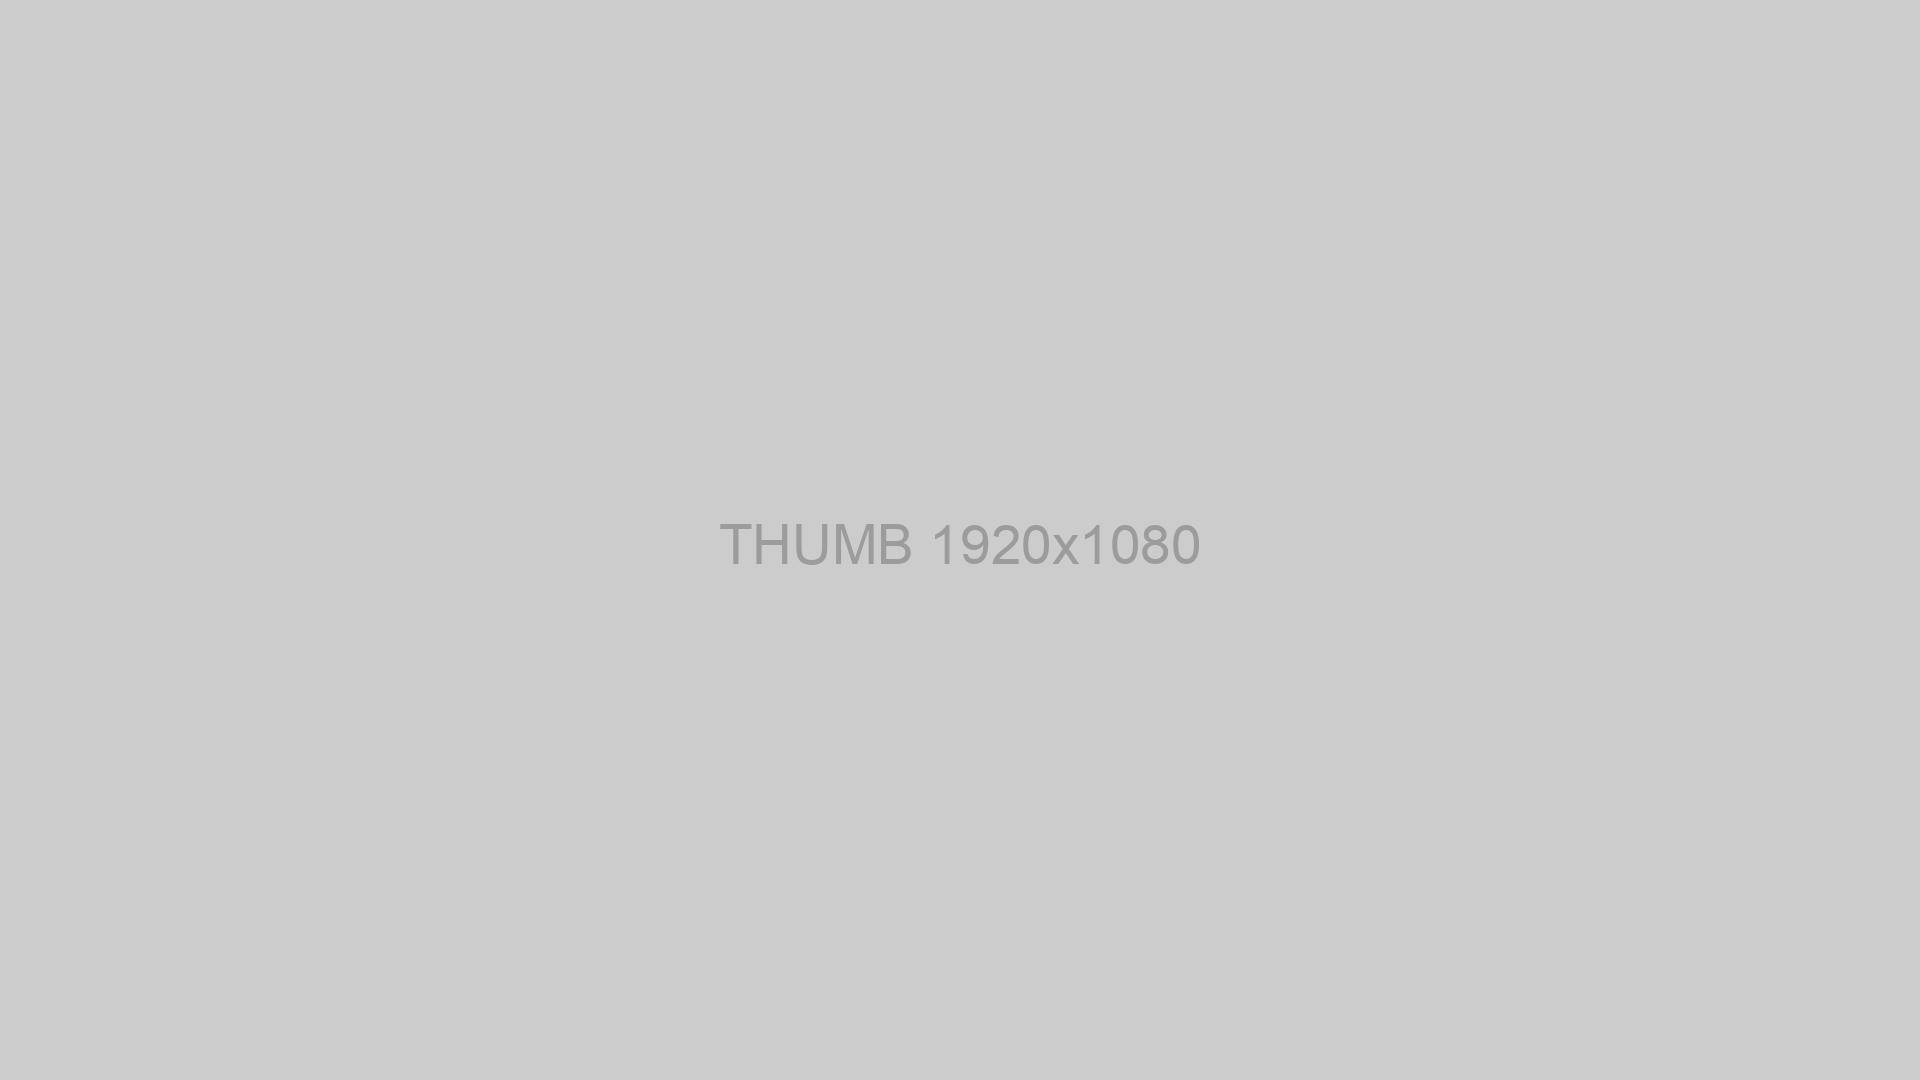 Thumb 1920x1080